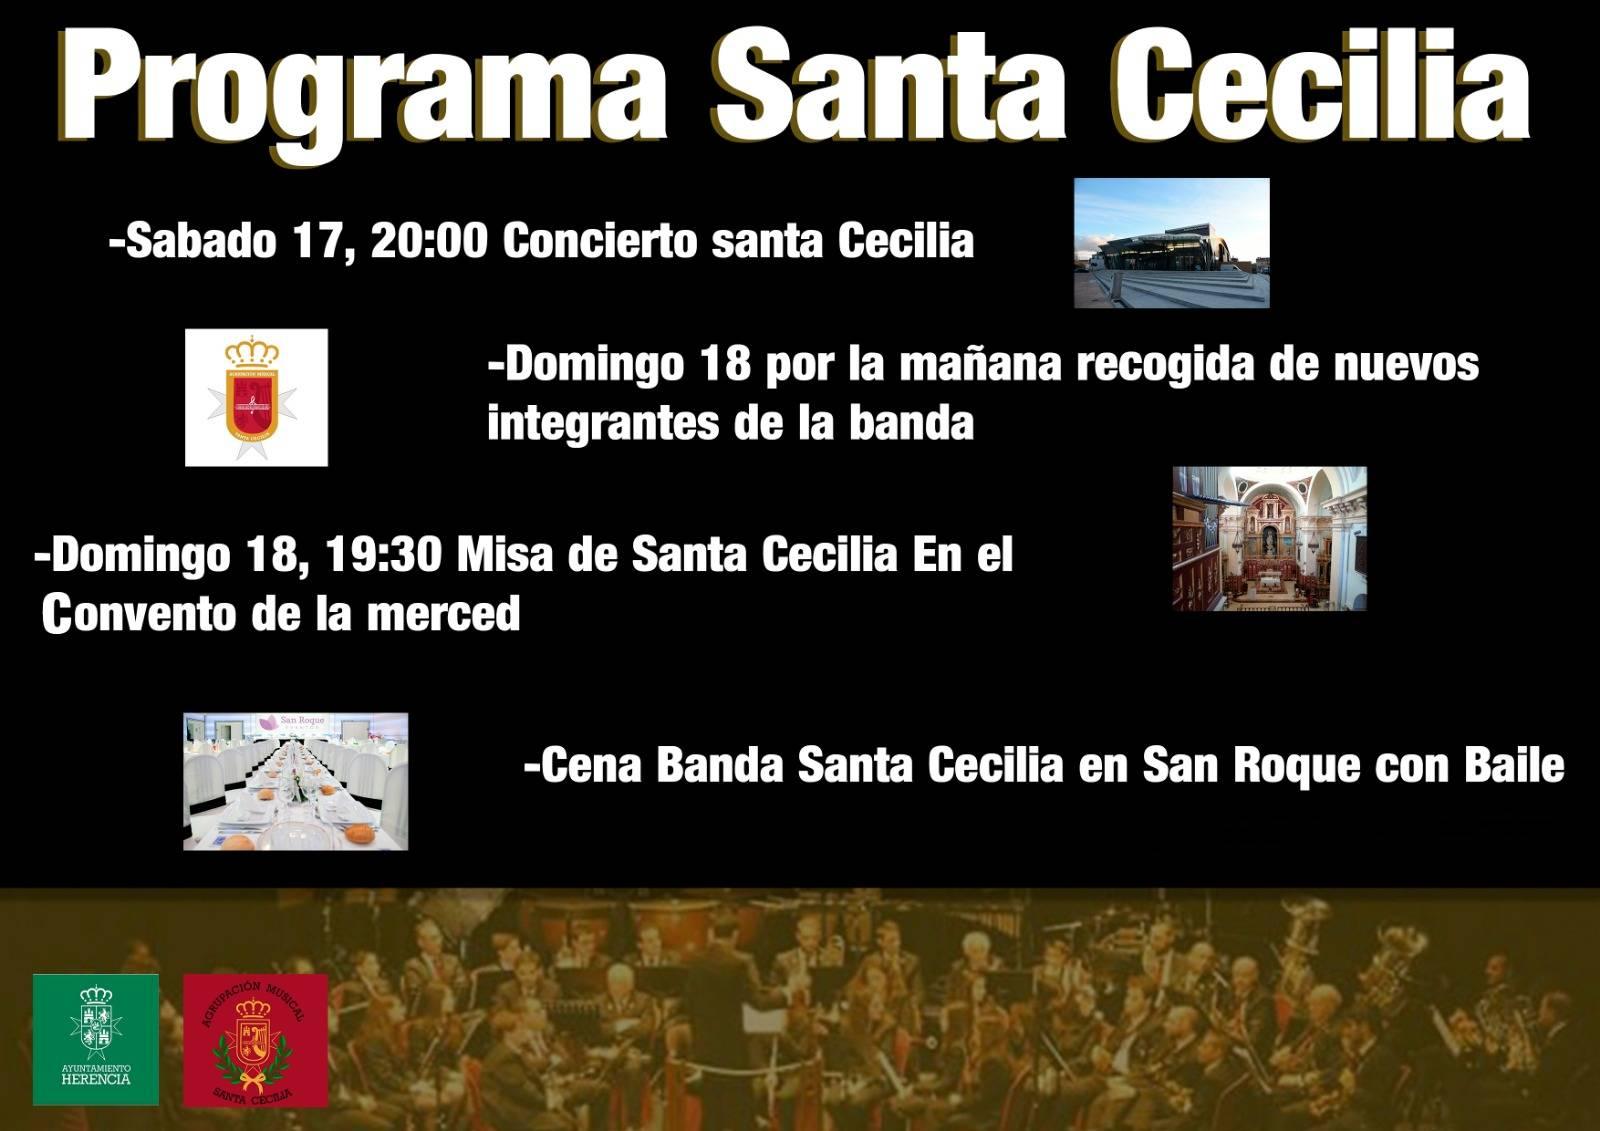 Proegama de Santa Cecilia en Herencia 2018 - Concierto y actos en honor a Santa Cecilia